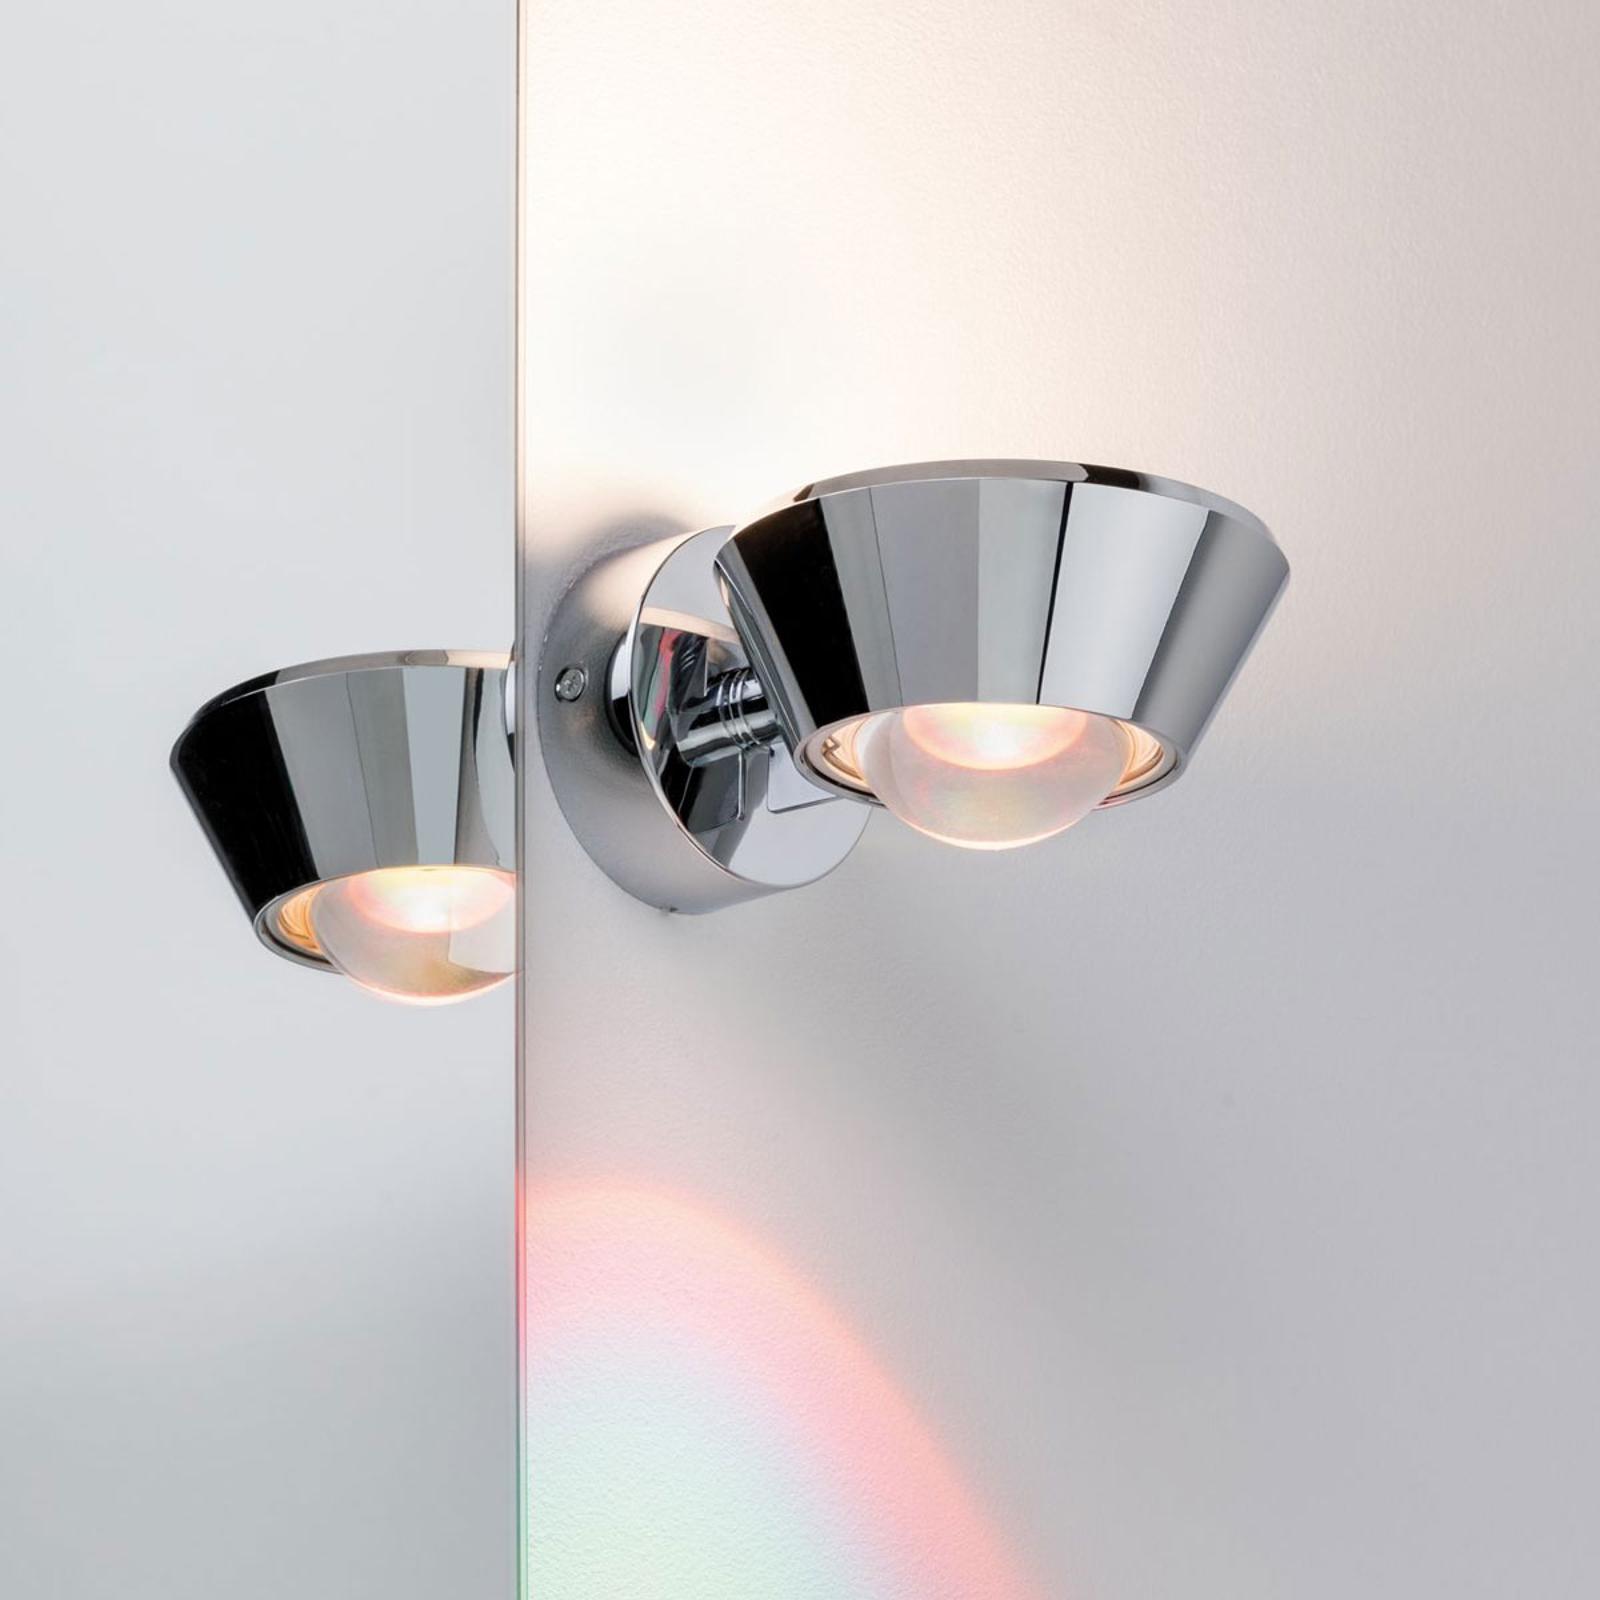 Paulmann Sabik LED-wandlamp